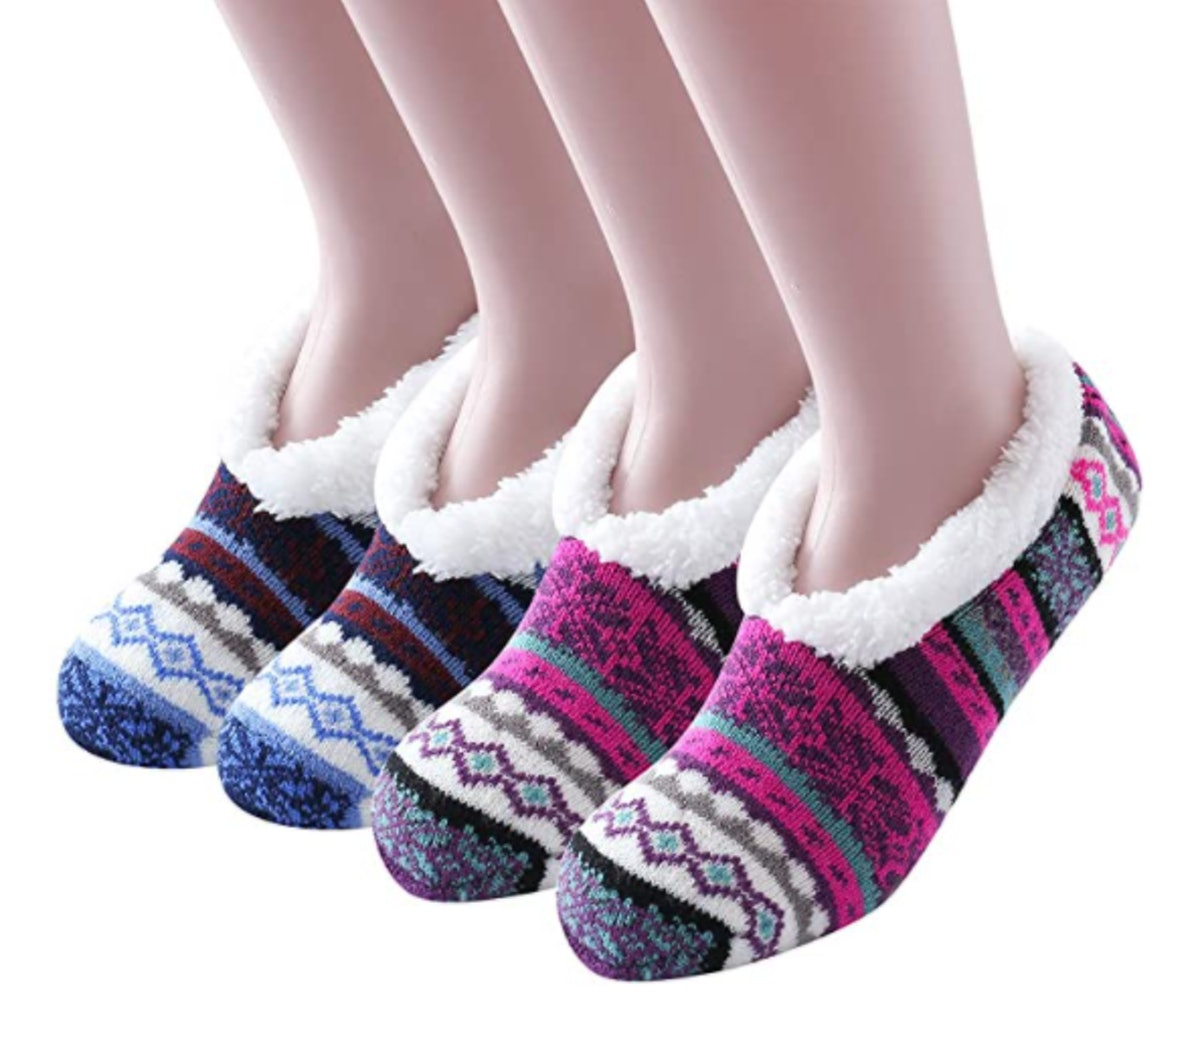 Ninecoo Fleece-Lined Ankle Slipper Socks Ankle (2-Pack)